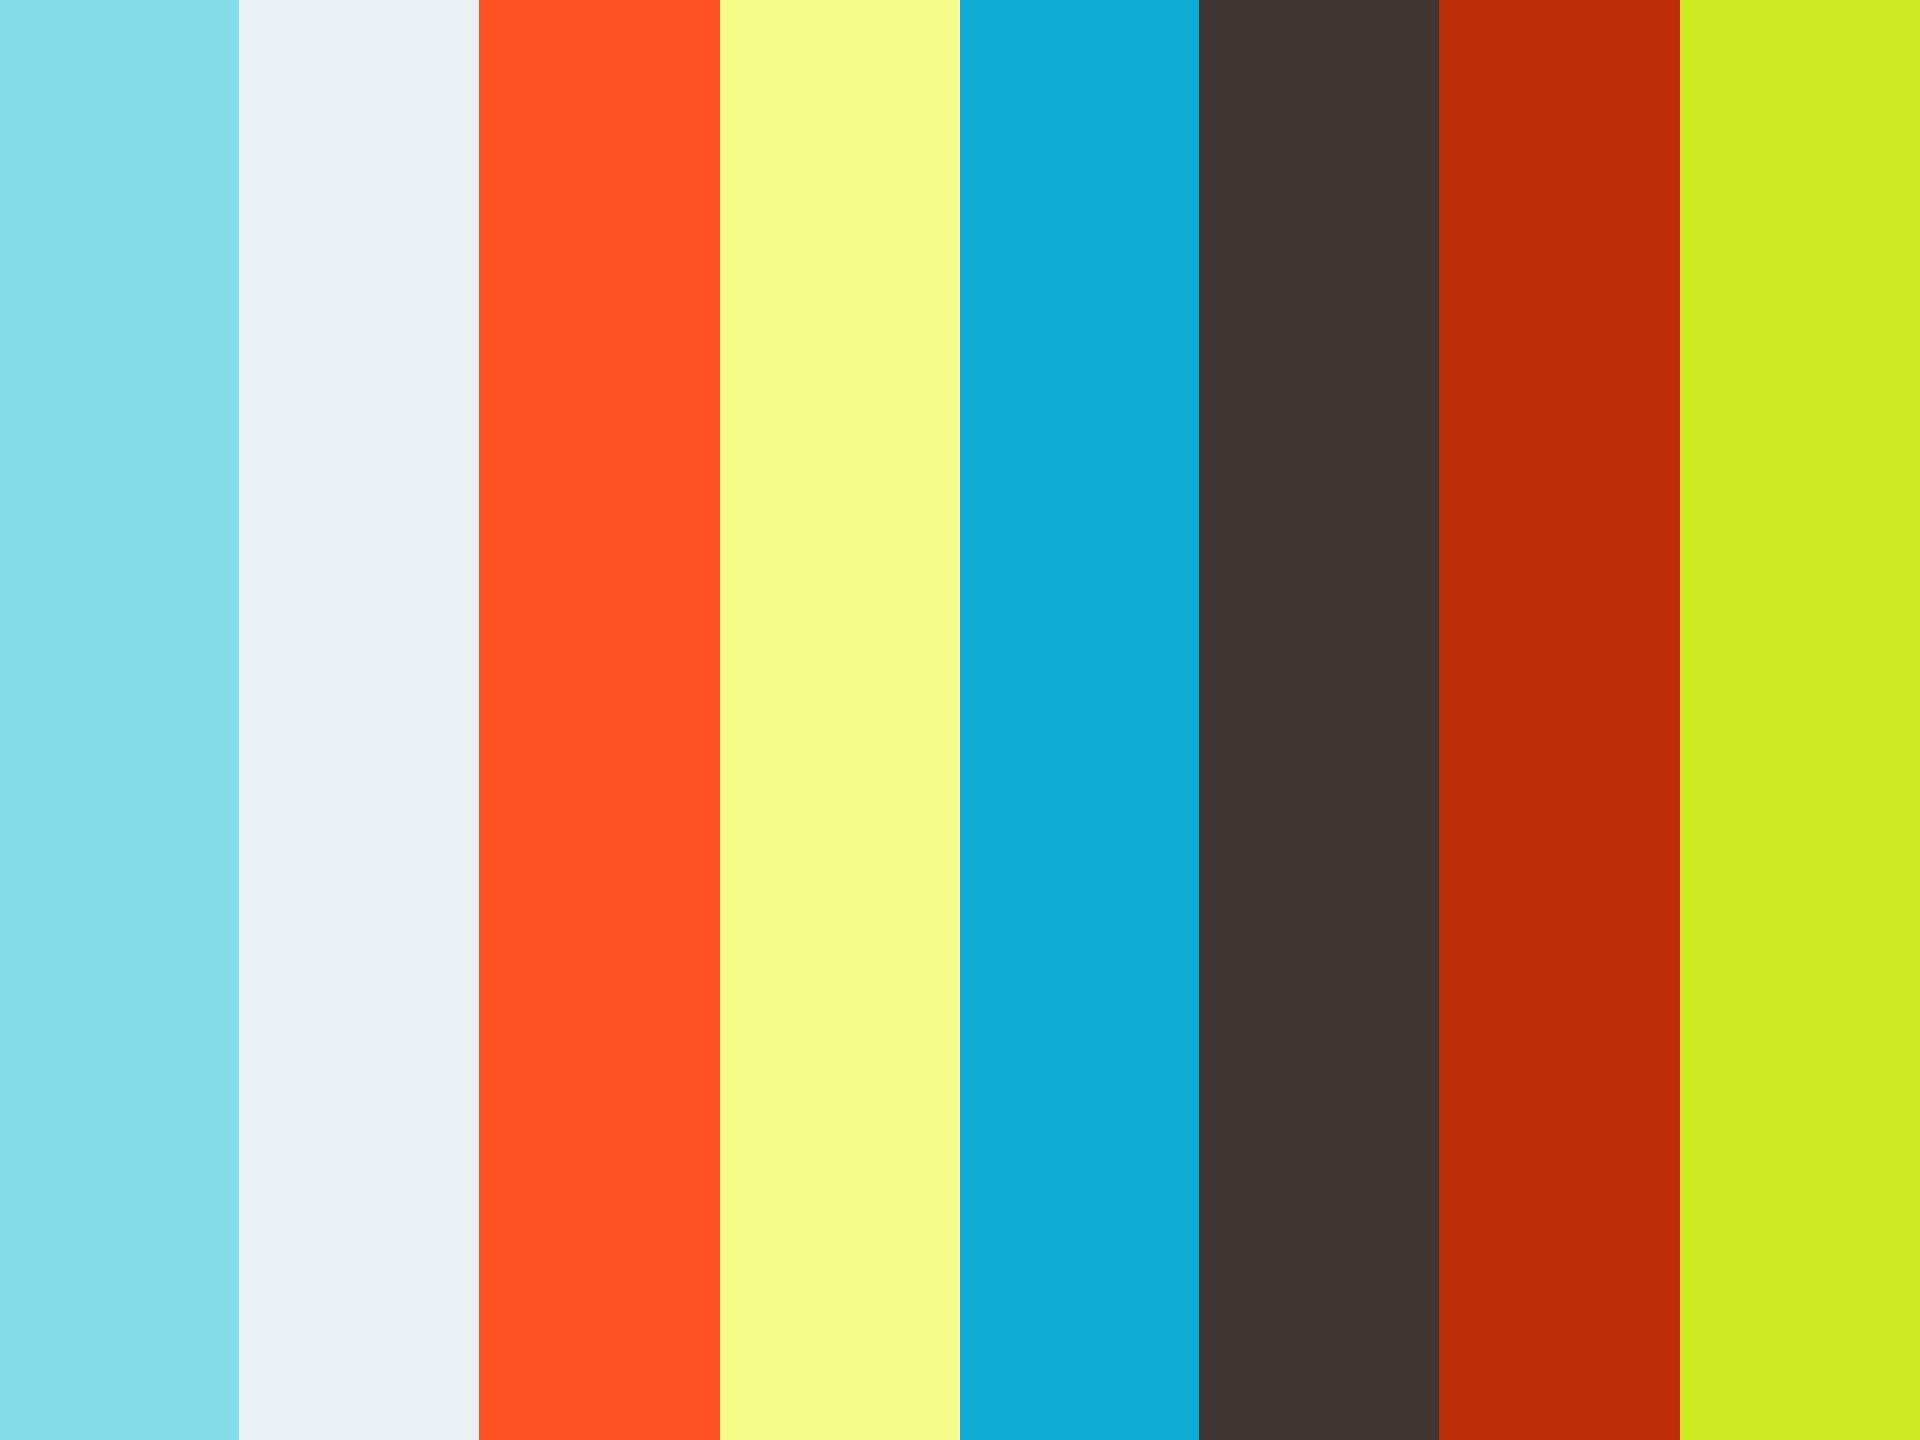 antoine manier rencontres audiovisuelles Bienvenue sur le site officiel des rencontres audiovisuelles siteleaks antoine manier registrant organization: les rencontres audiovisuelles registrant street:.